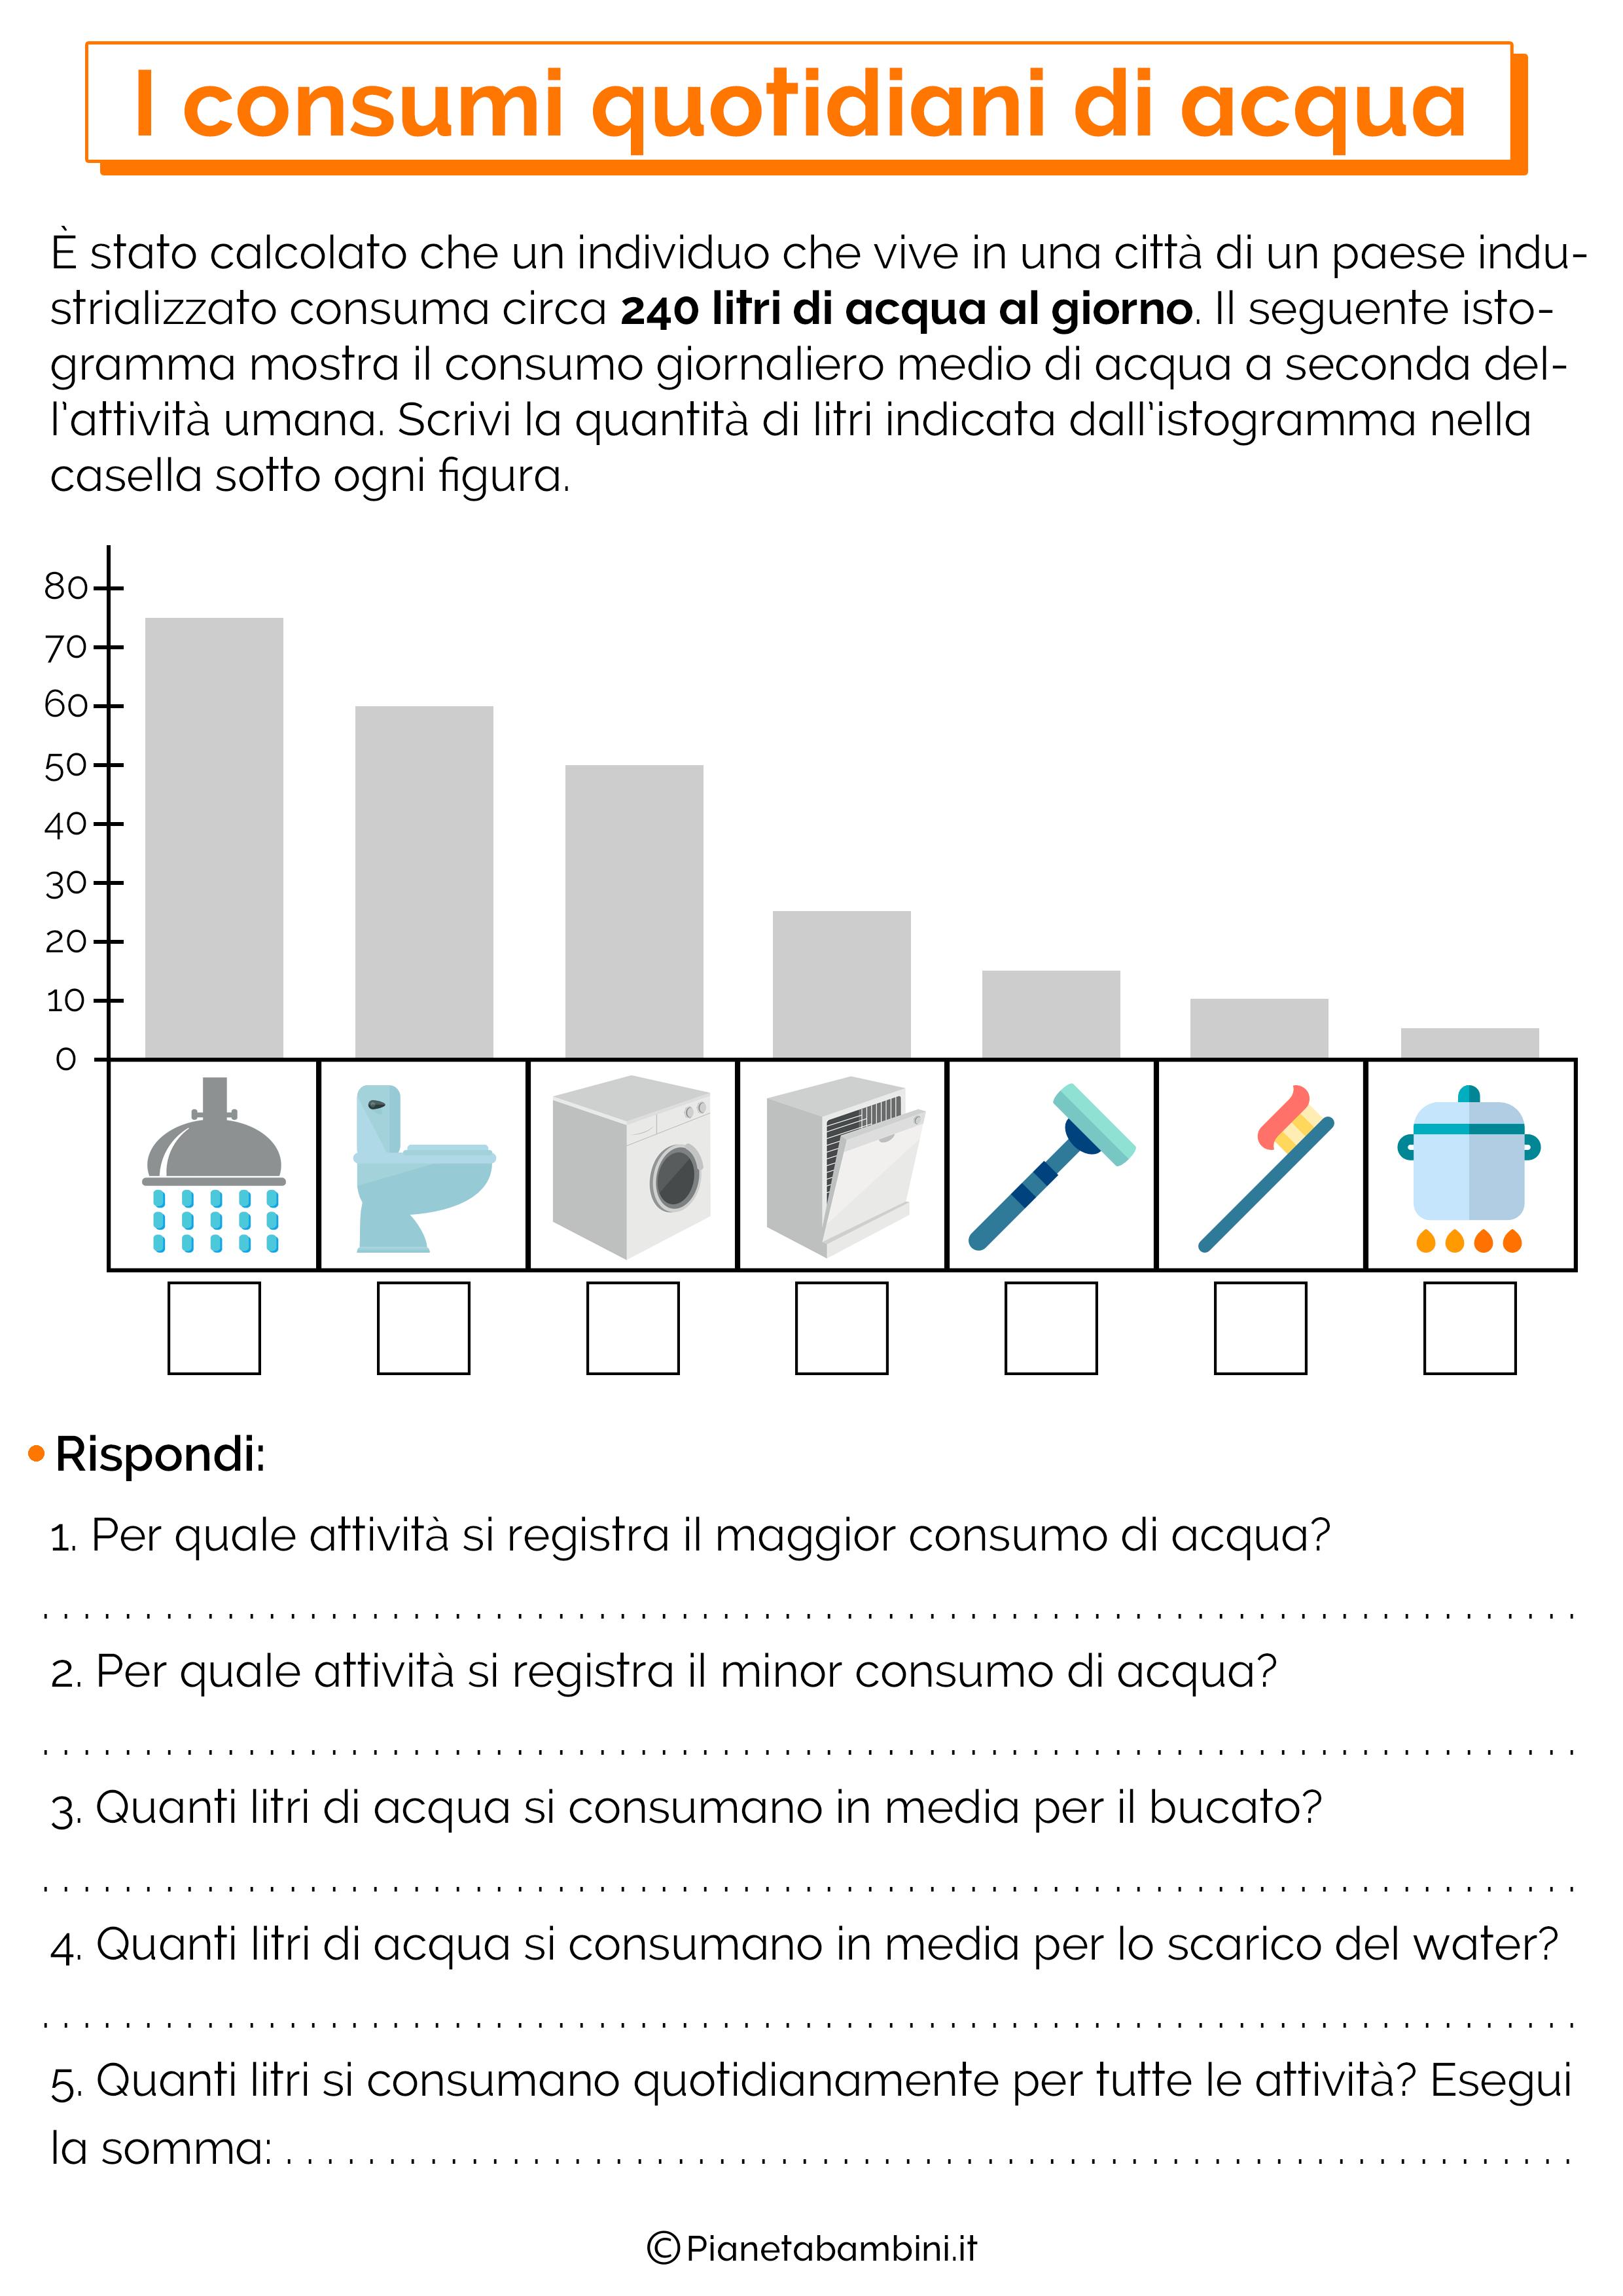 Molto L'Acqua: Schede Didattiche per la Scuola Primaria | PianetaBambini.it VO89